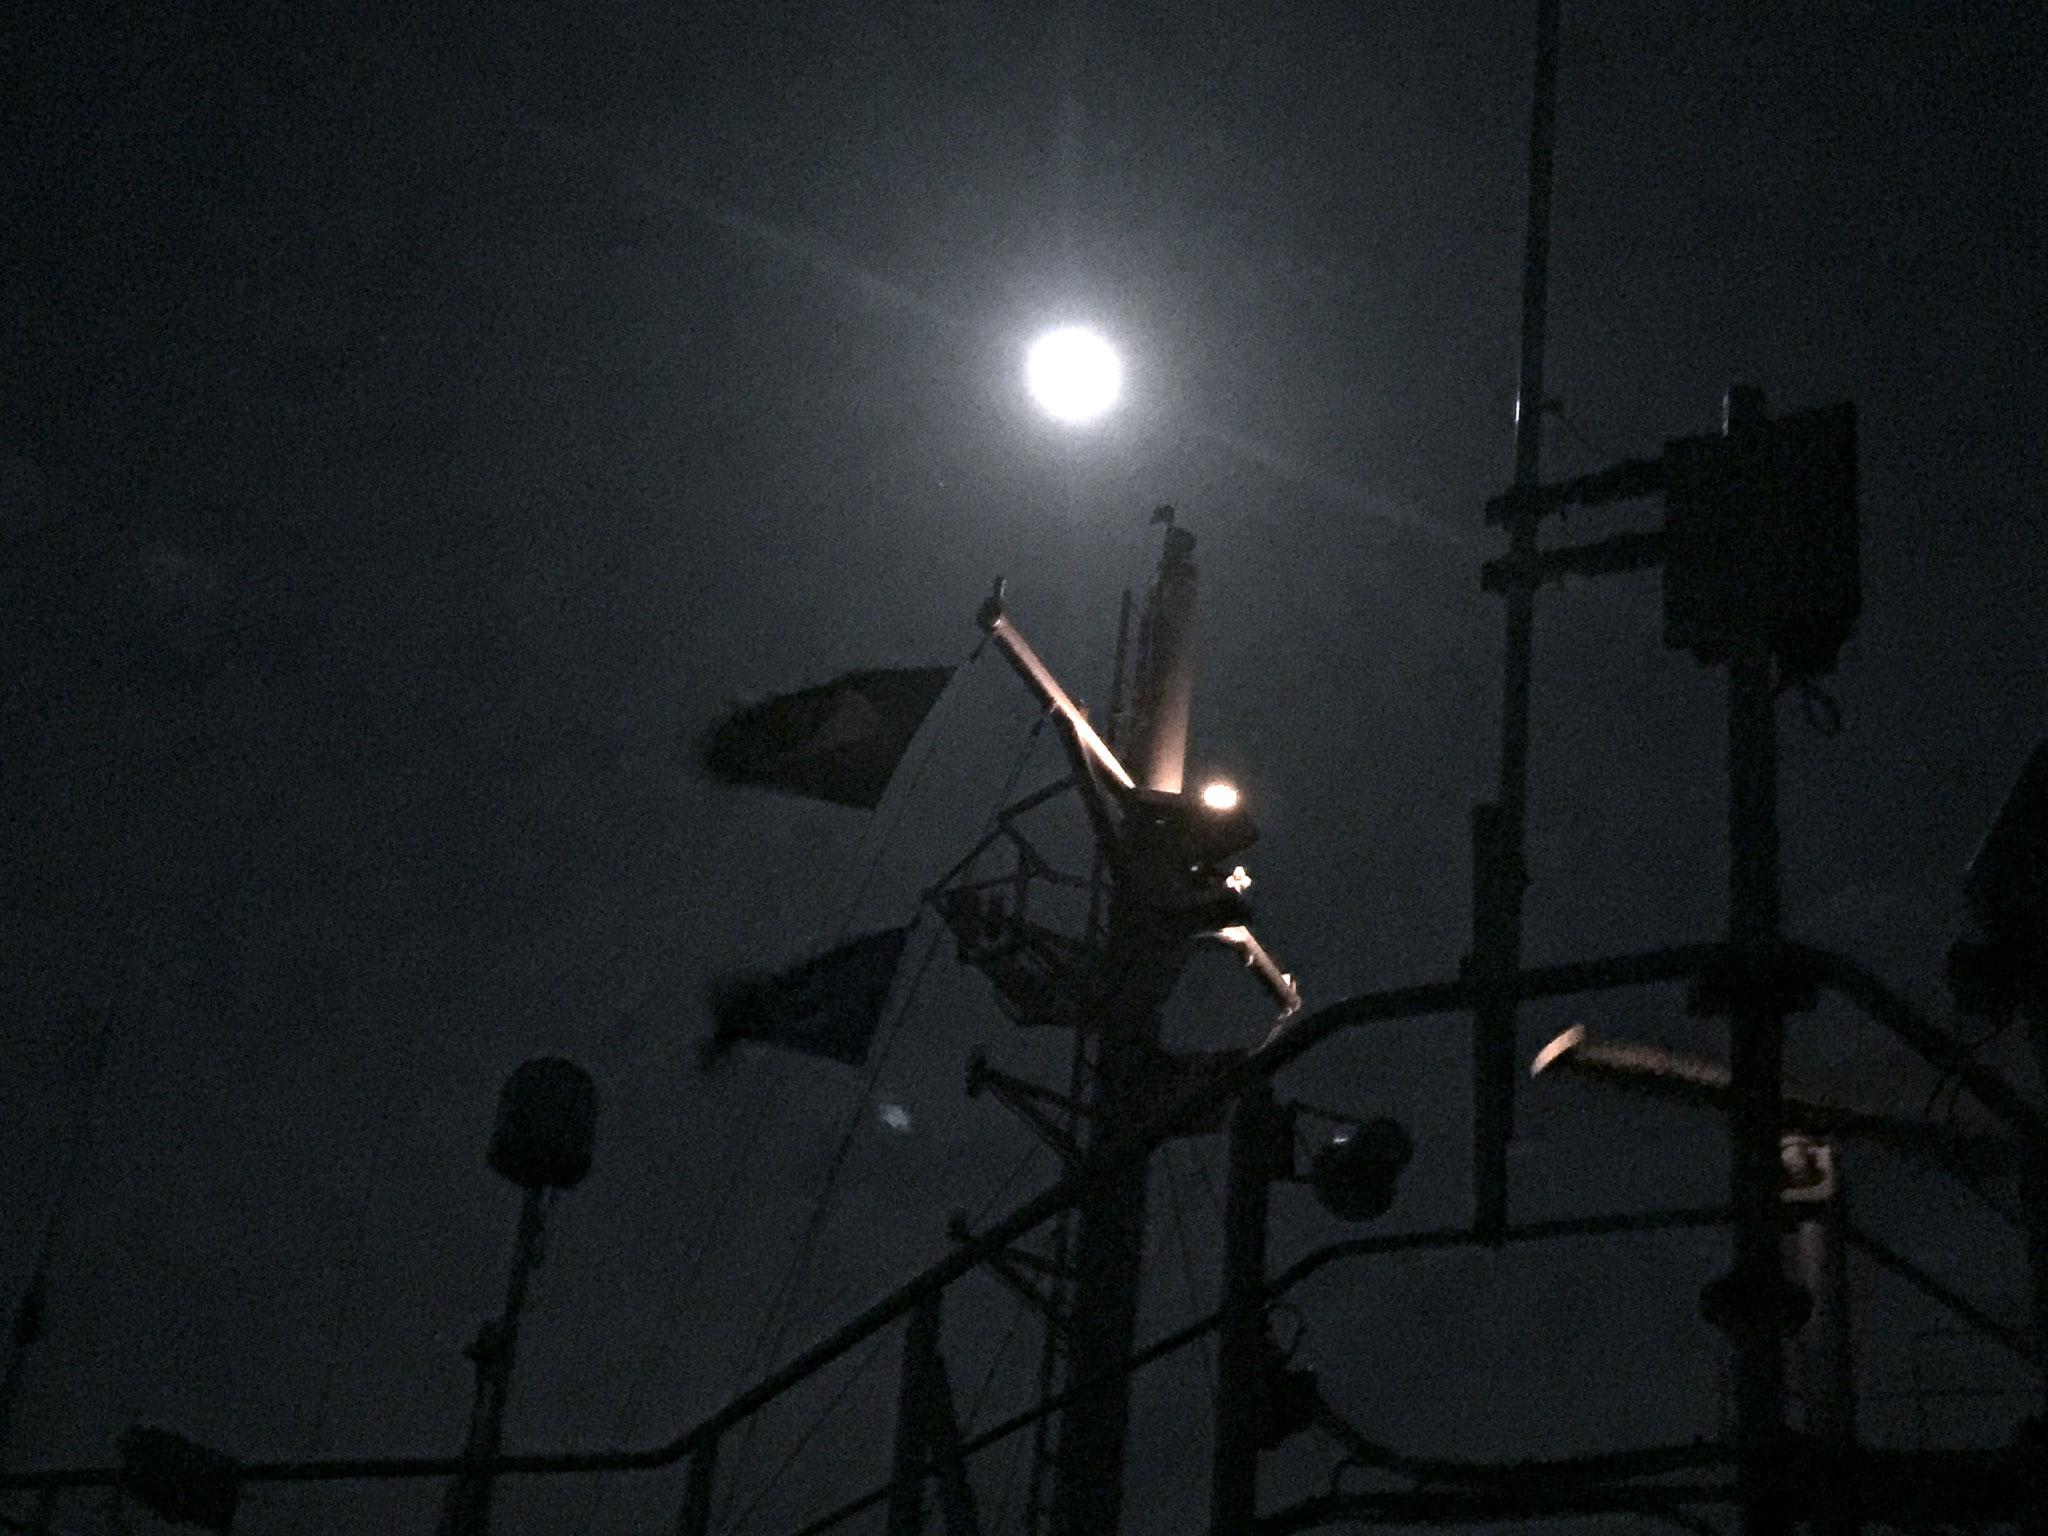 Vollmondnacht während dem Auslaufen in Montevideo